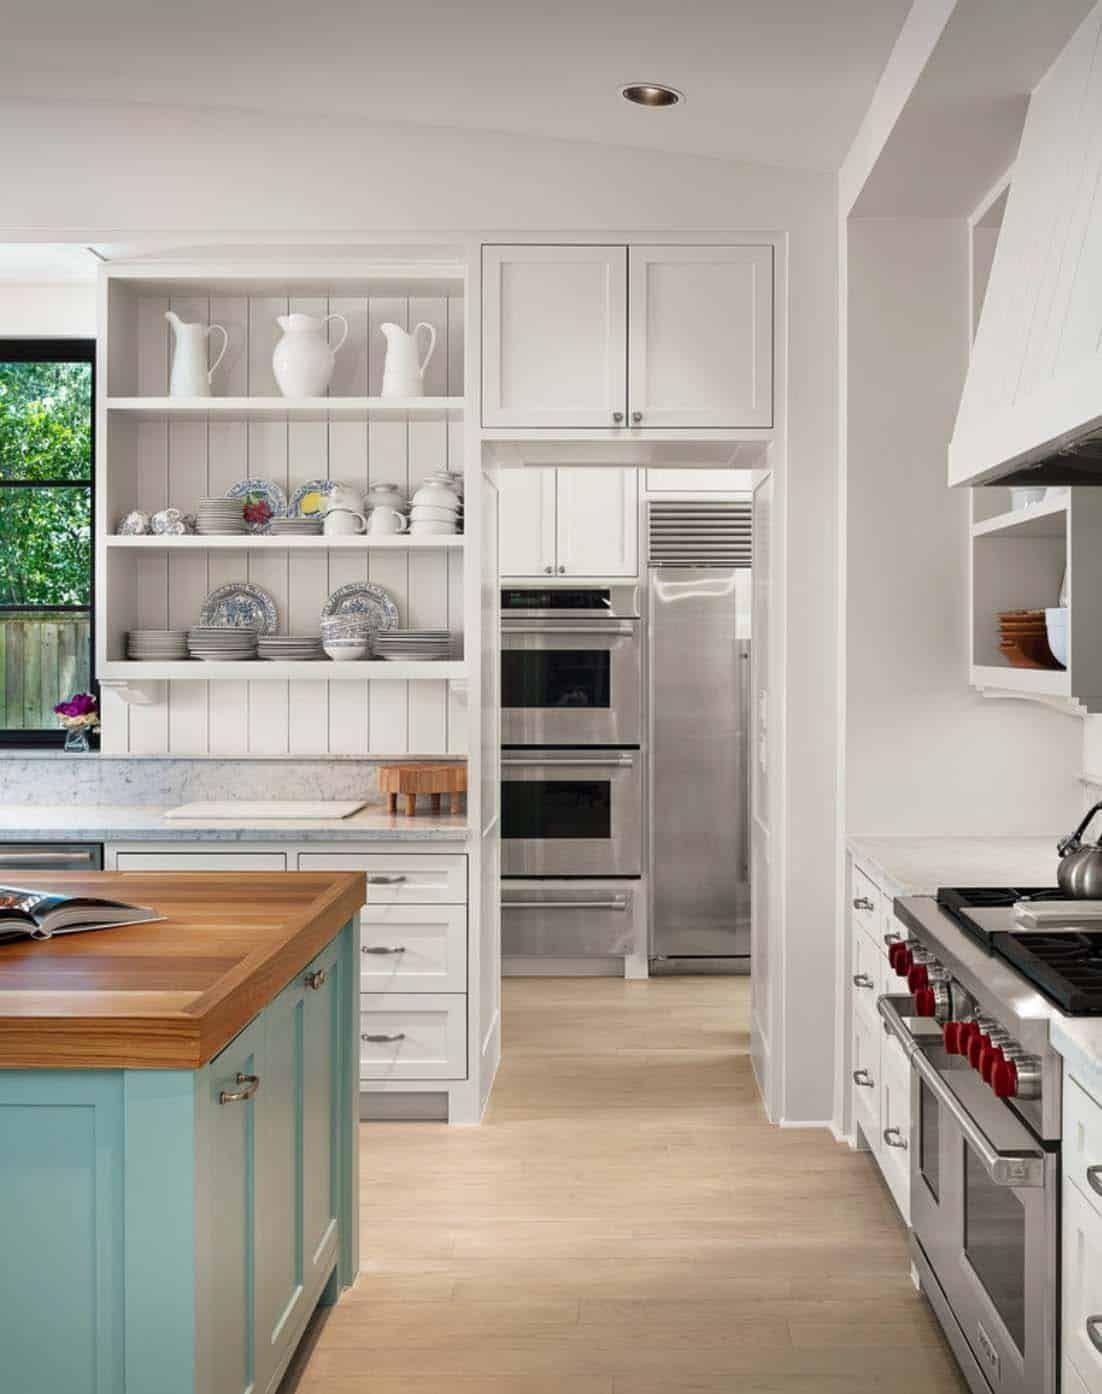 Kitchen Design Near Me Free Kitchen Design Software Online U Shaped Kitchen Design Kitche In 2020 Galley Kitchen Design Small Galley Kitchen Designs Kitchen Design